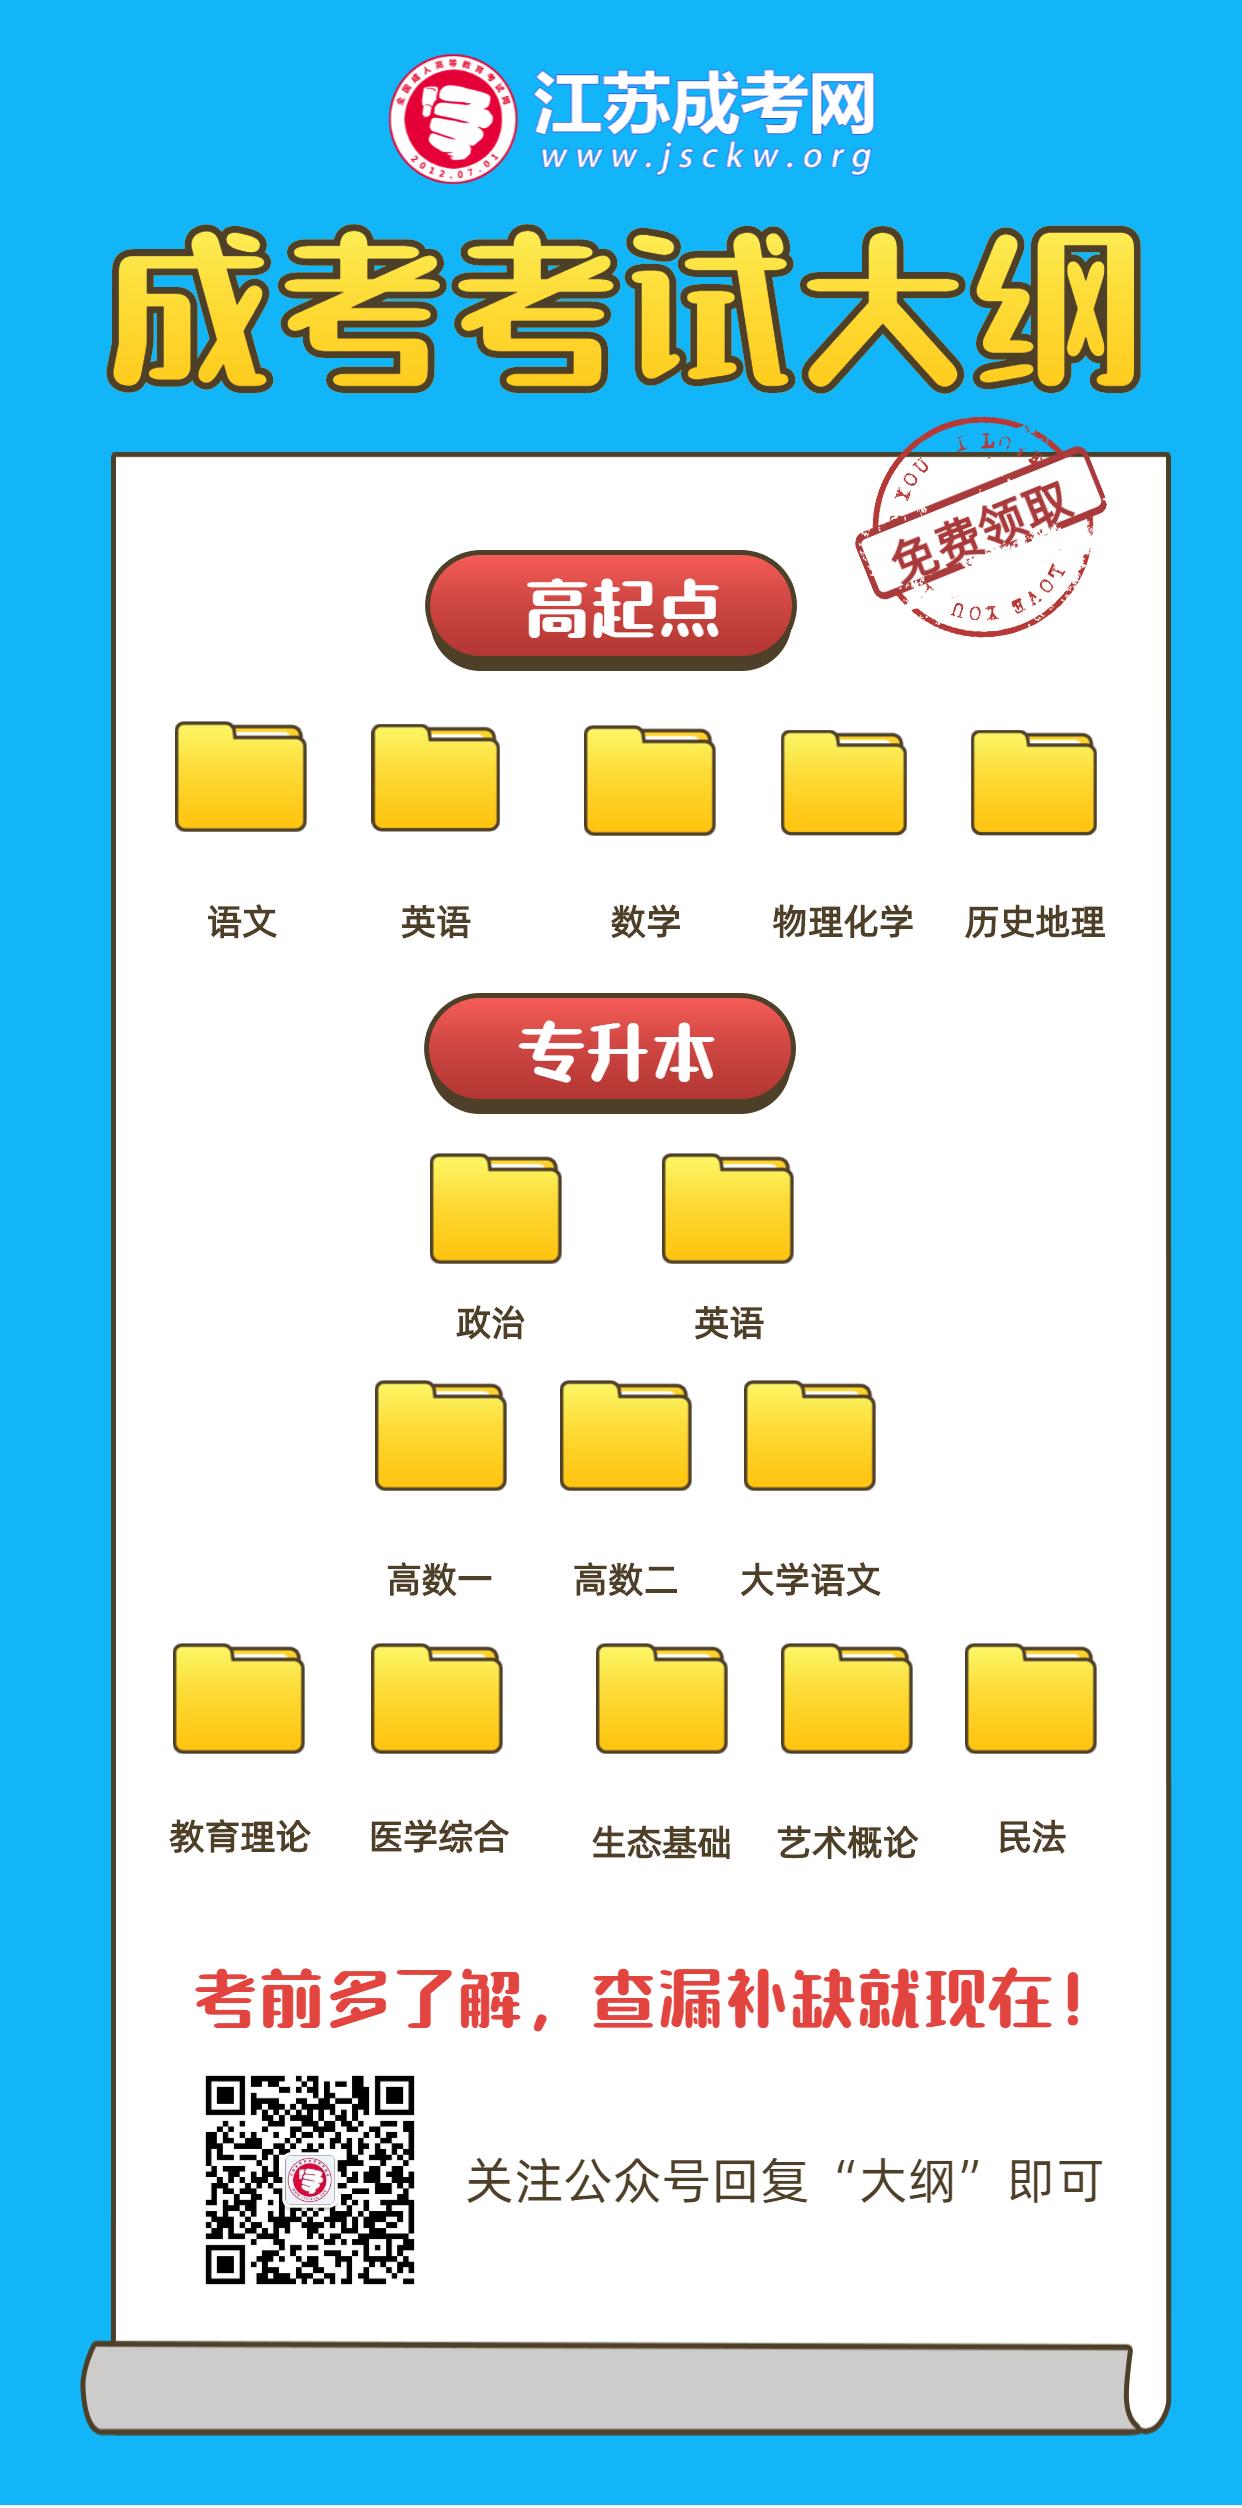 江苏成人高考考试大纲